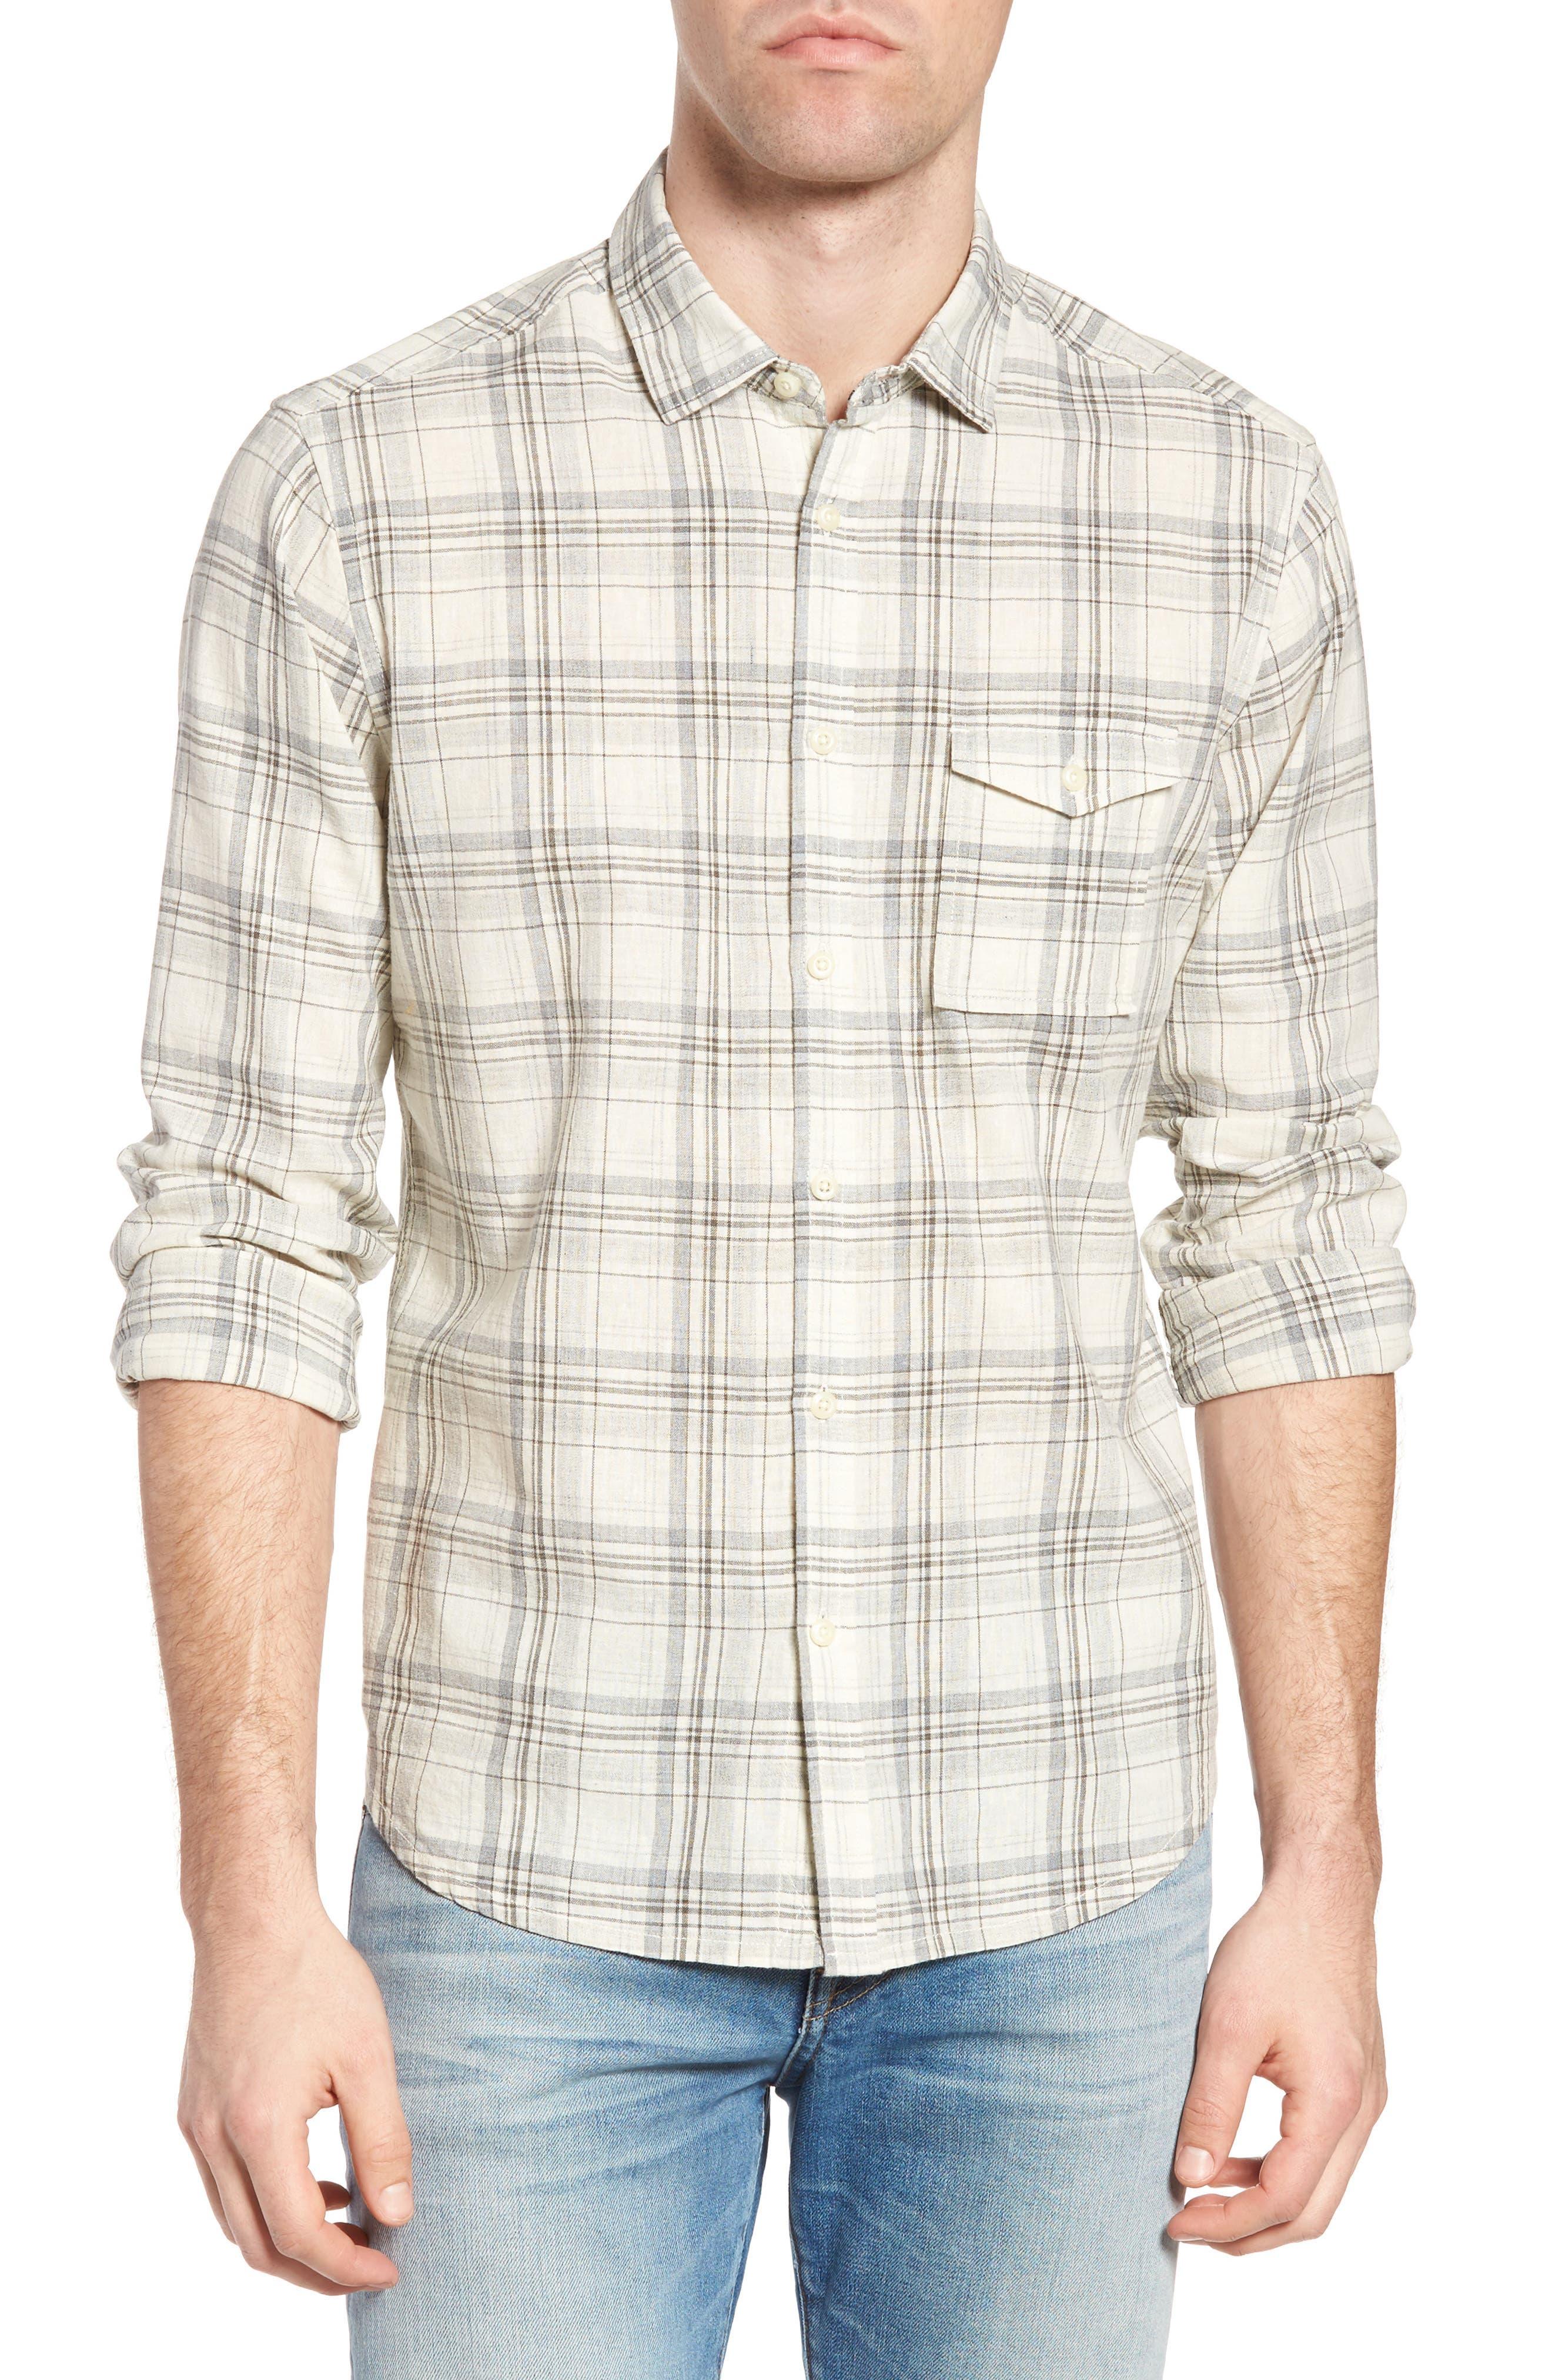 Henri Regular Fit Plaid Cotton & Linen Sport Shirt,                         Main,                         color, 280